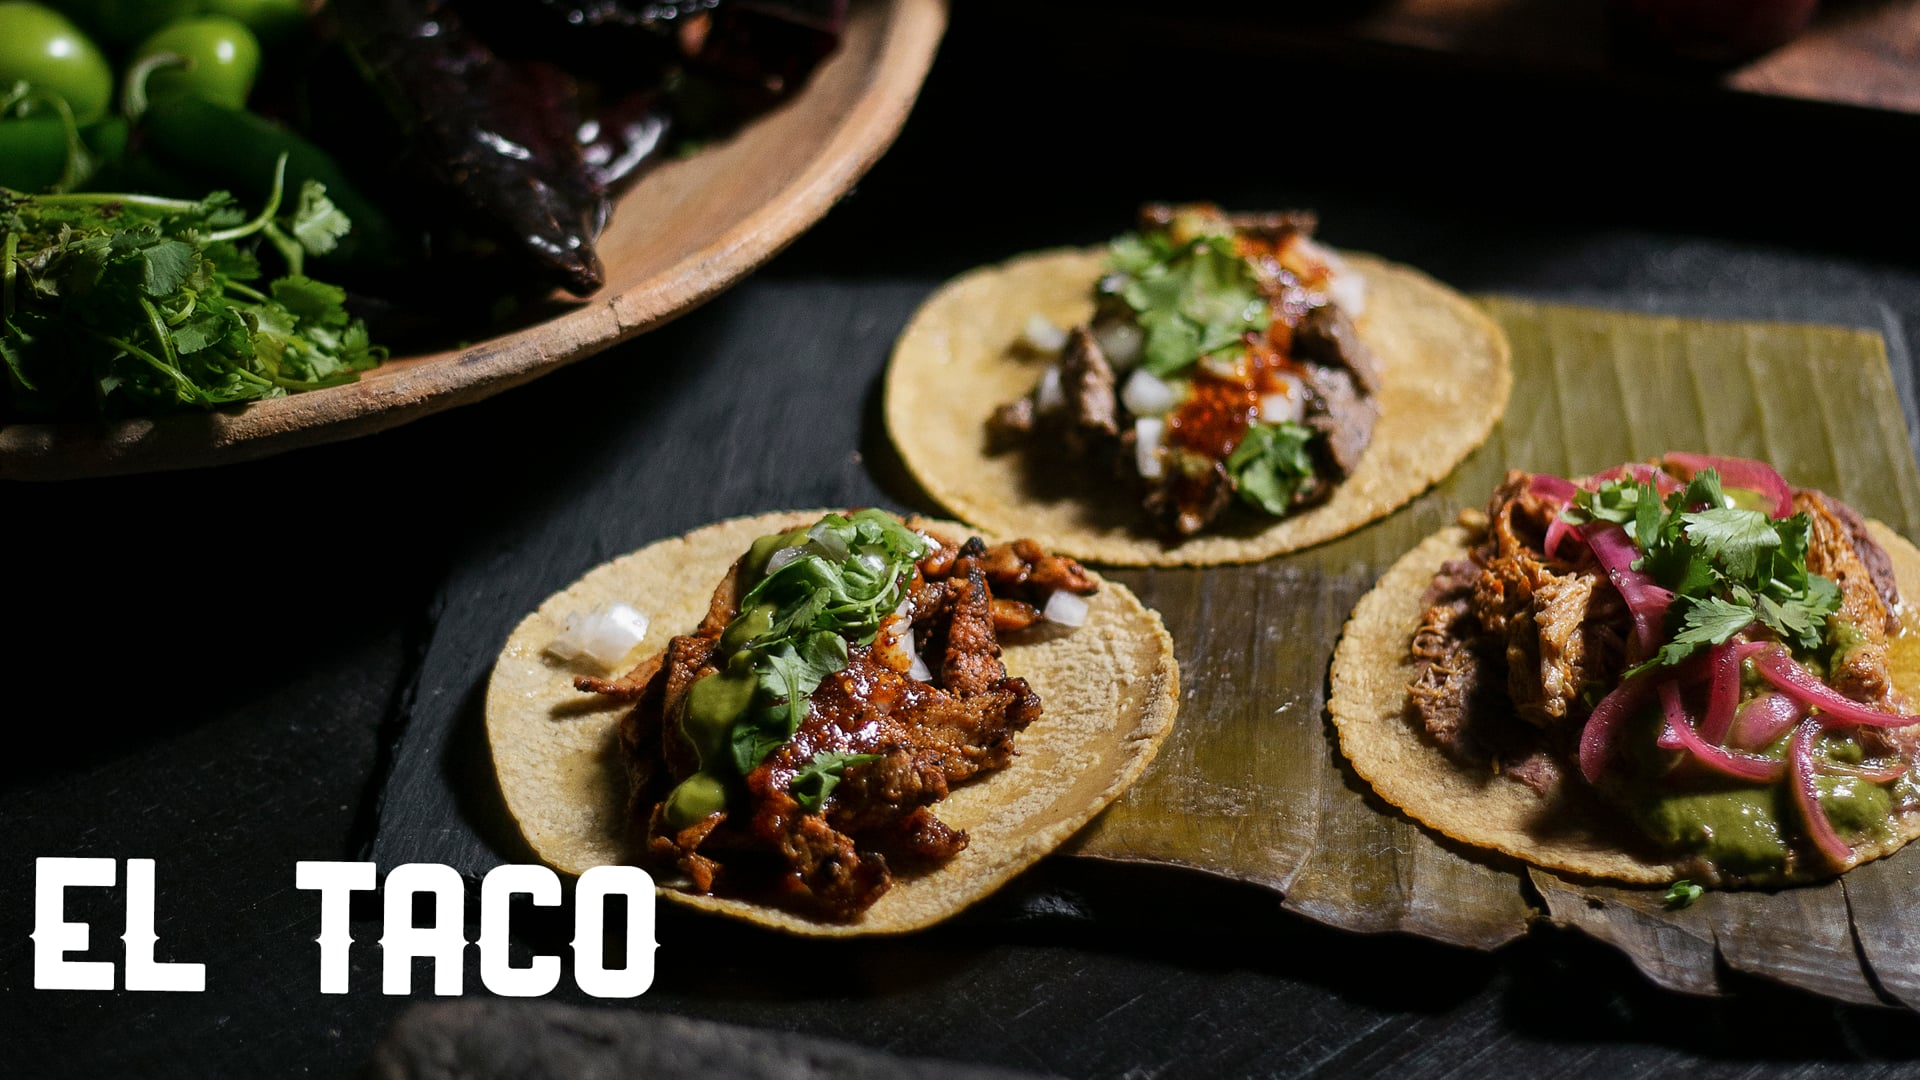 El Taco promo video